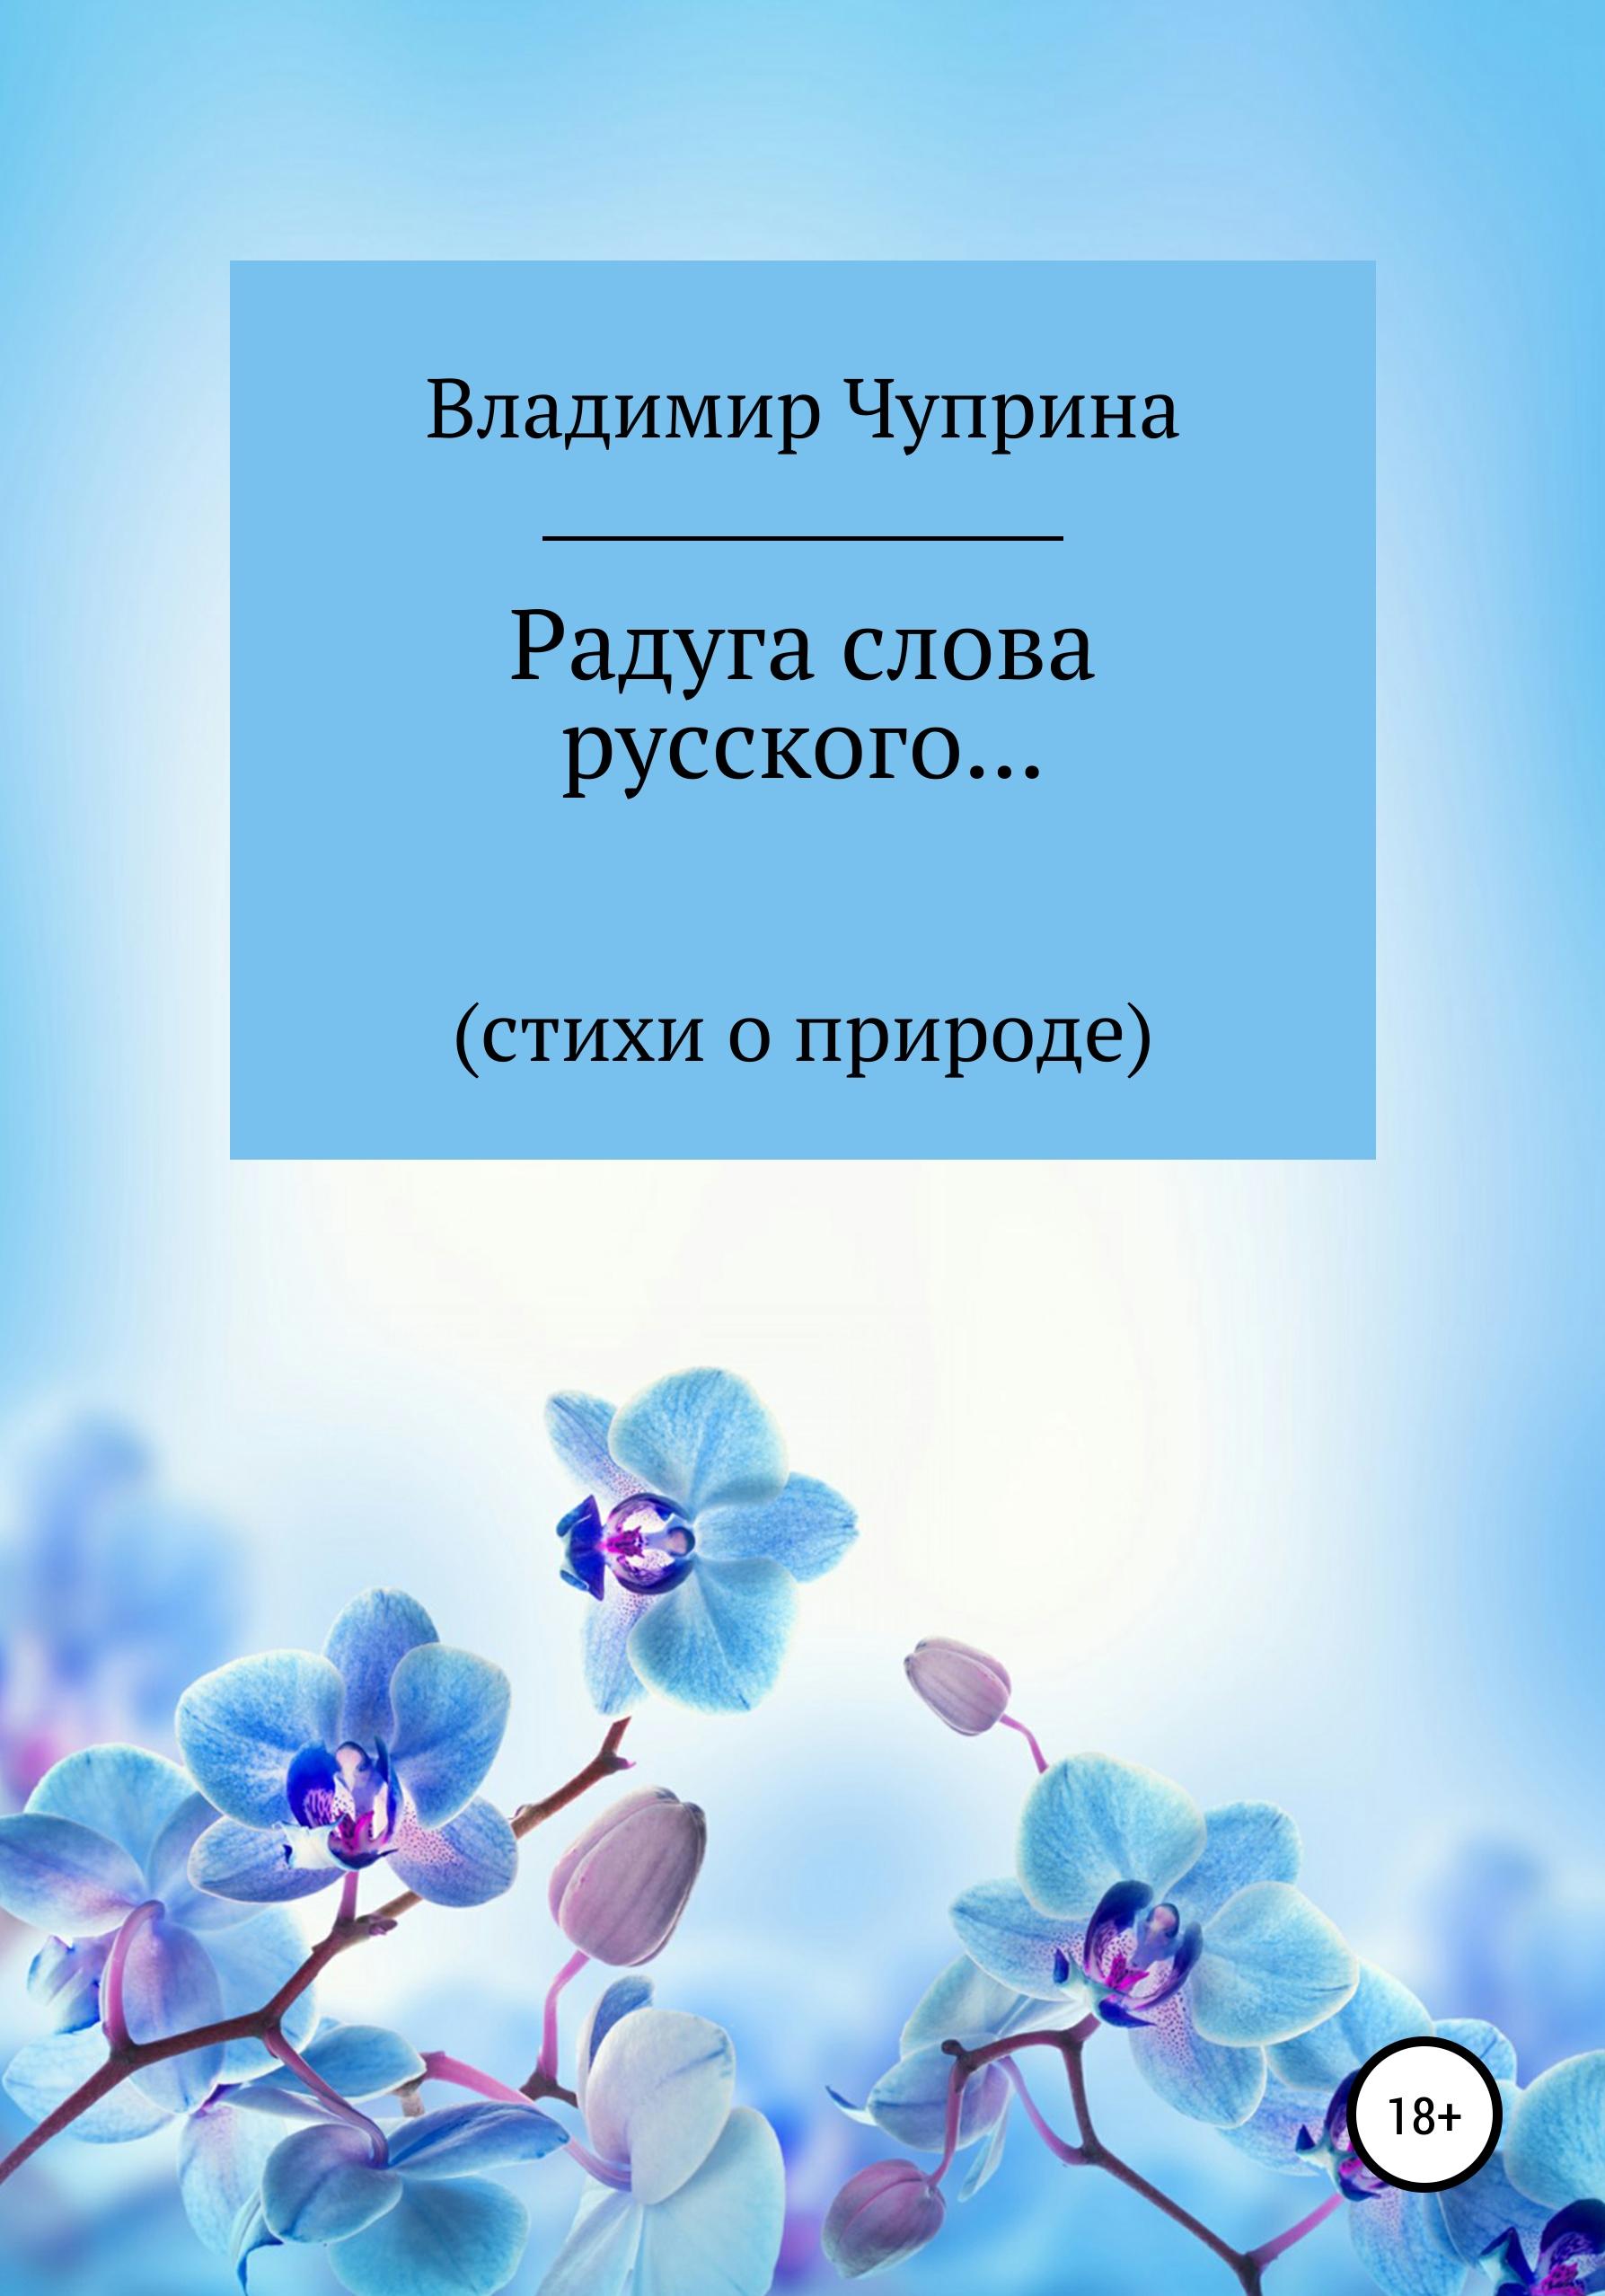 Радуга слова русского…